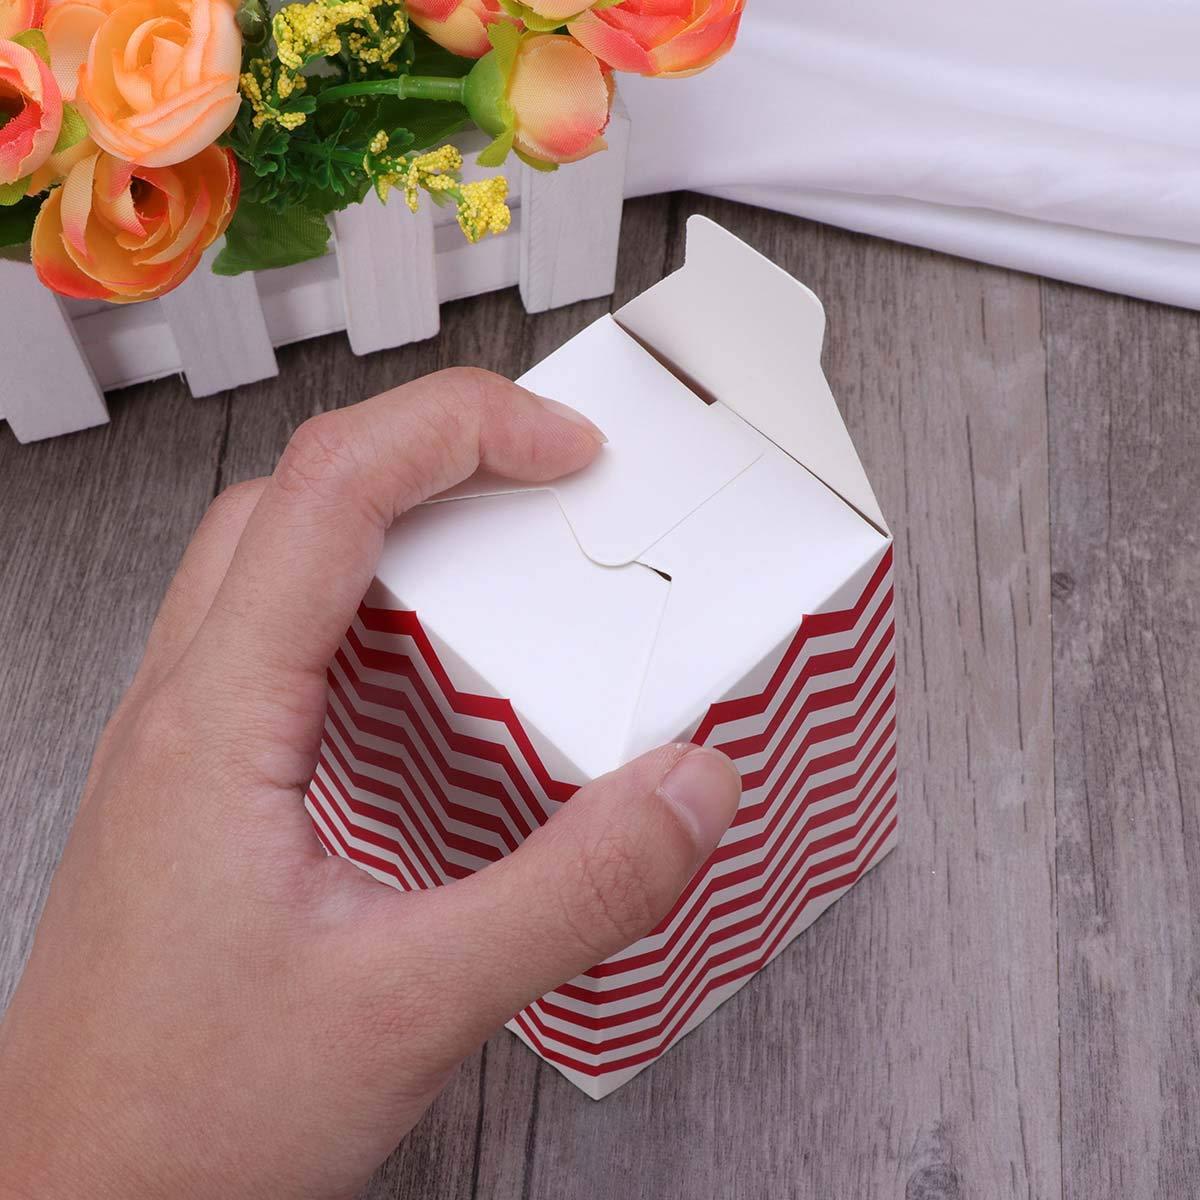 BESTONZON 30pcs Cake Holder Popcorn scatole Sacchetti Patatine Fritte scatole in Cartone Candy Contenitore per Snack Party